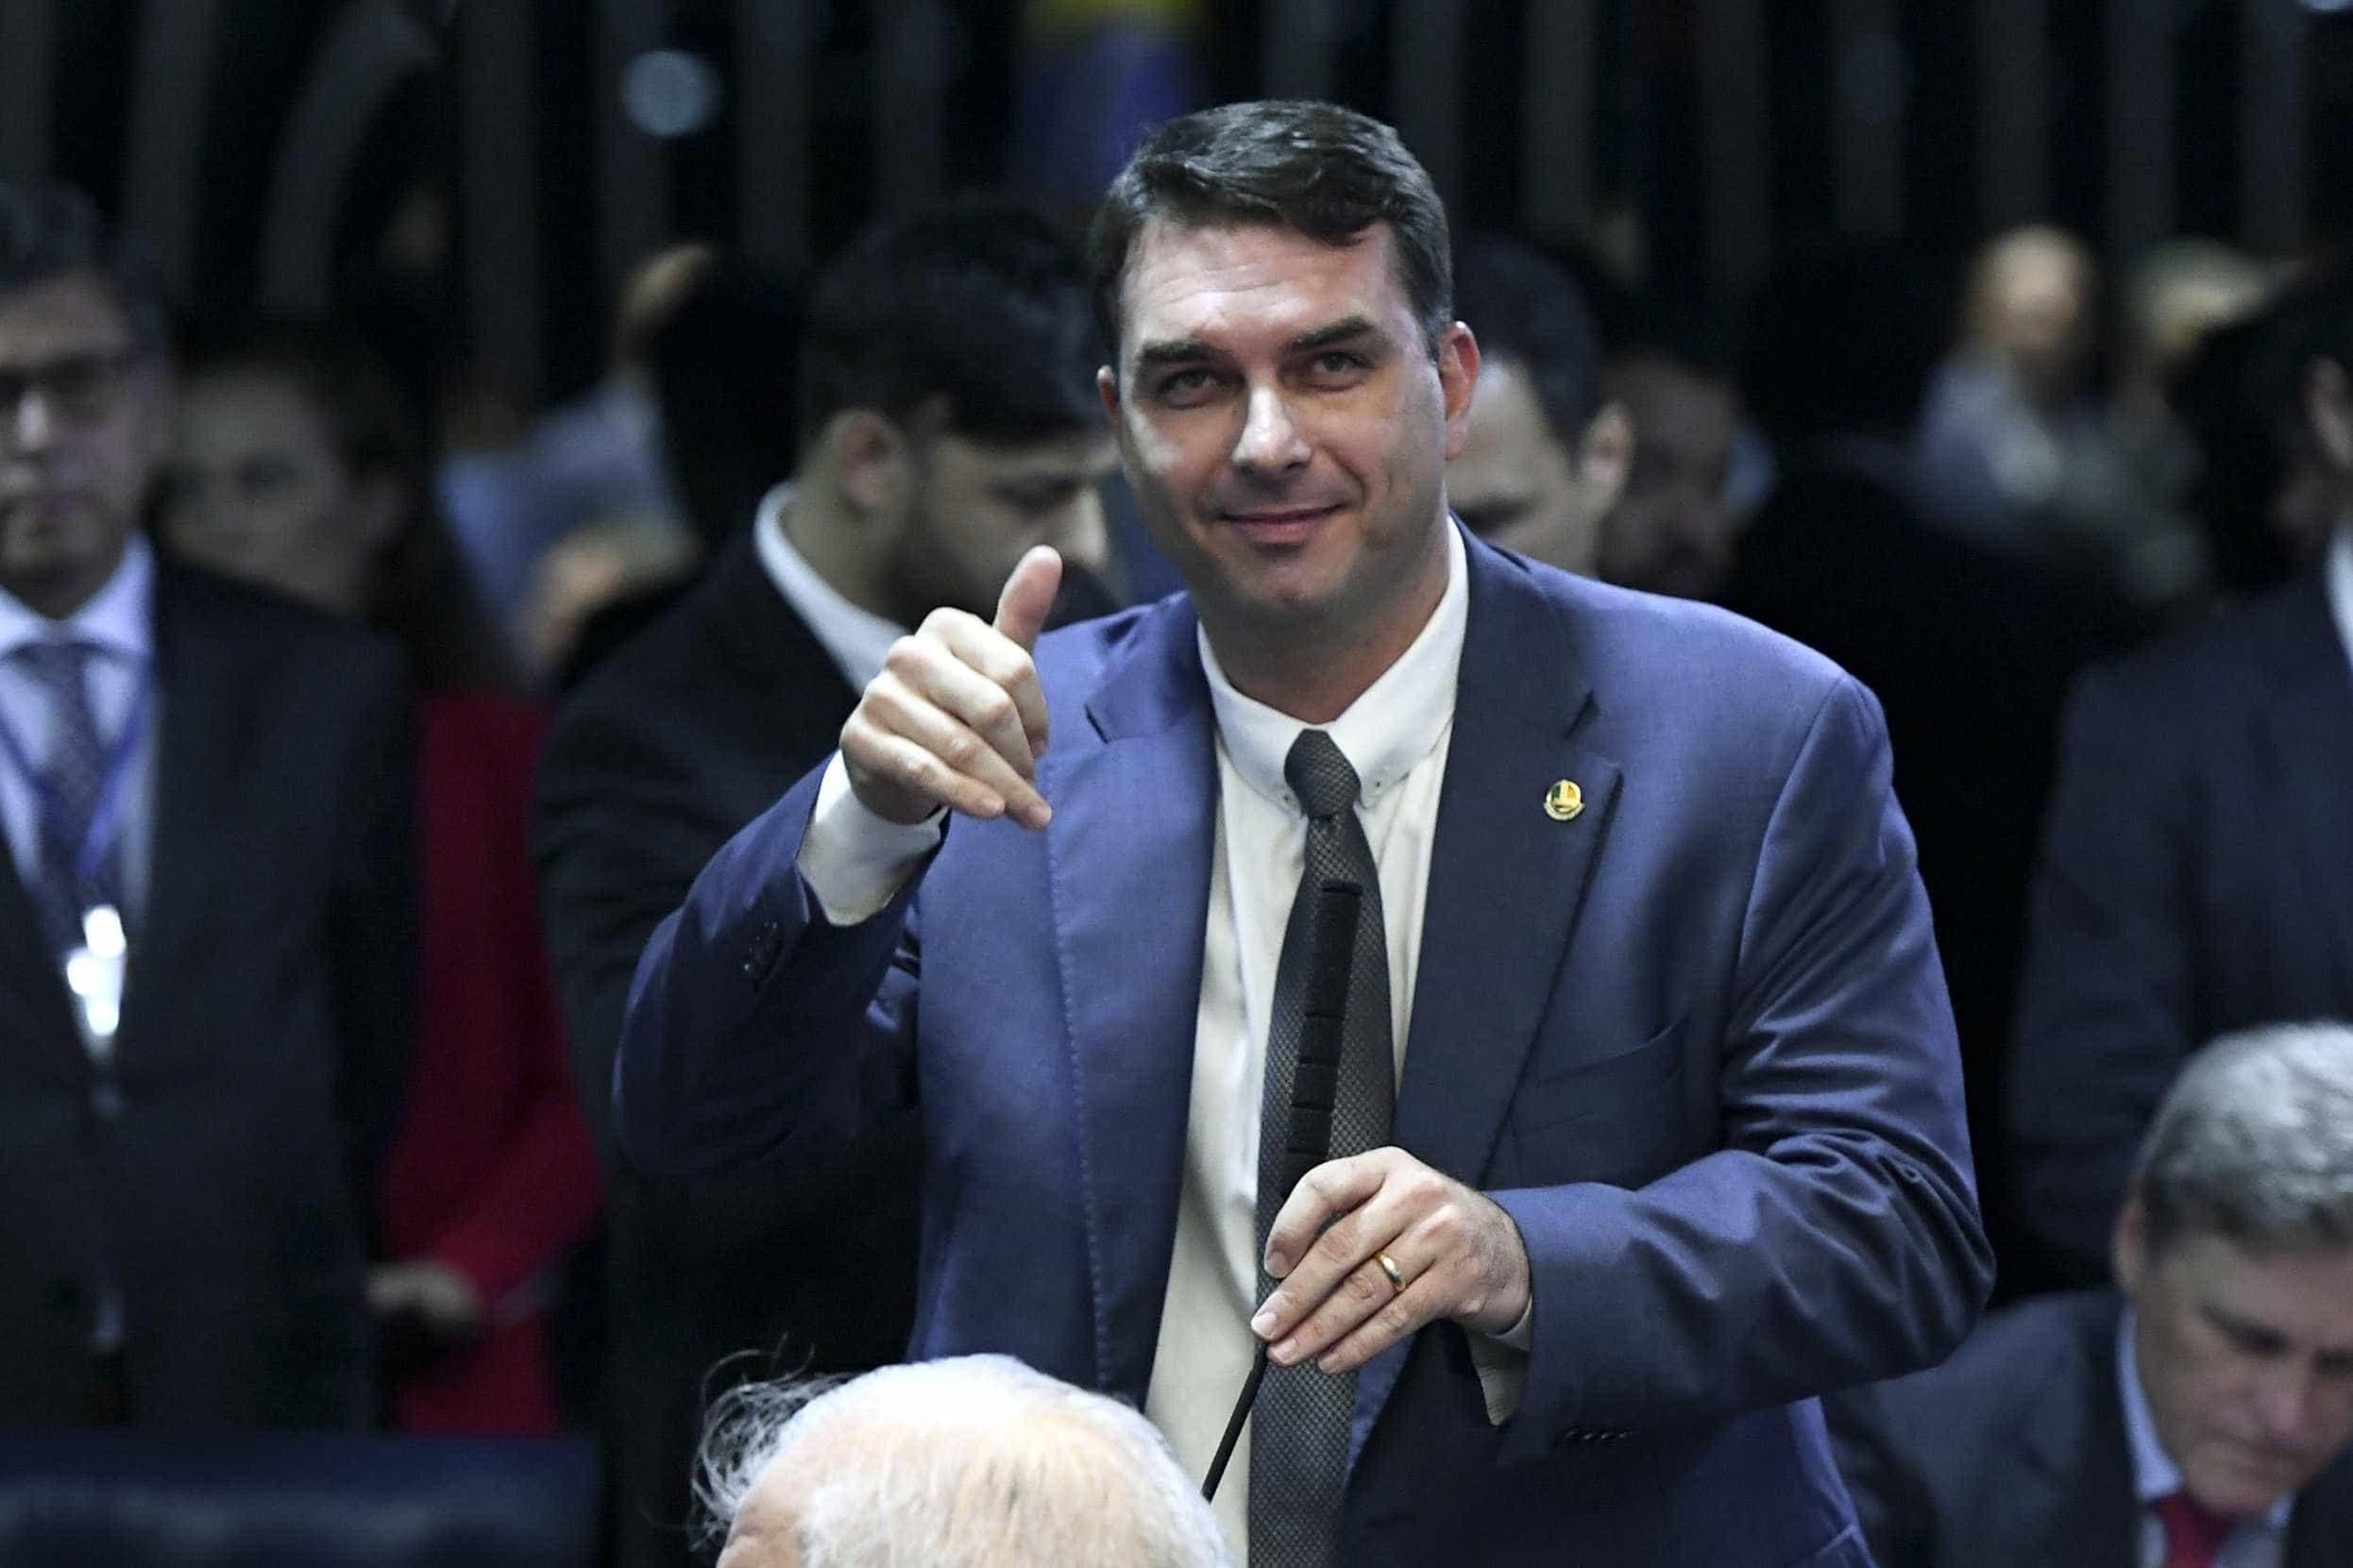 Primeiro projeto de Flávio Bolsonaro libera fábricas de armas no país